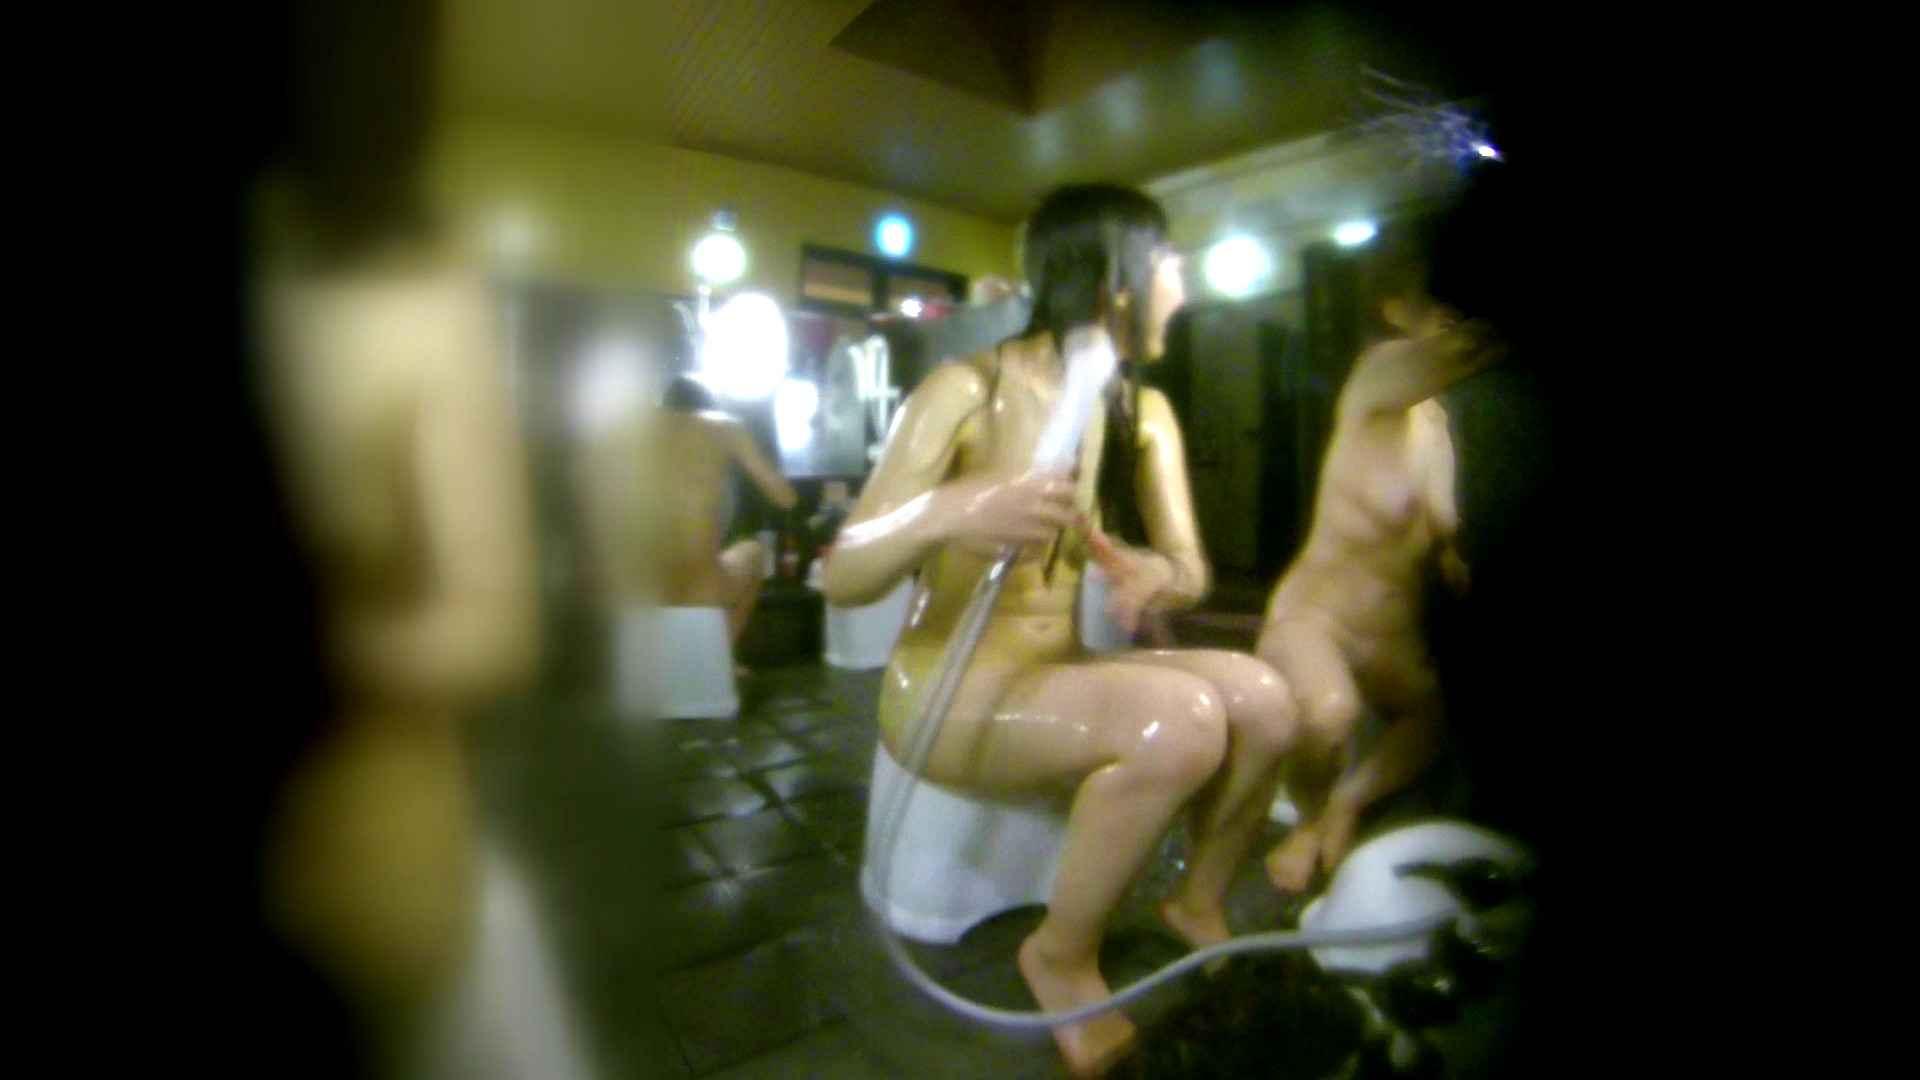 無修正エロ動画|洗い場!右足の位置がいいですね。陰毛もっさり!|怪盗ジョーカー